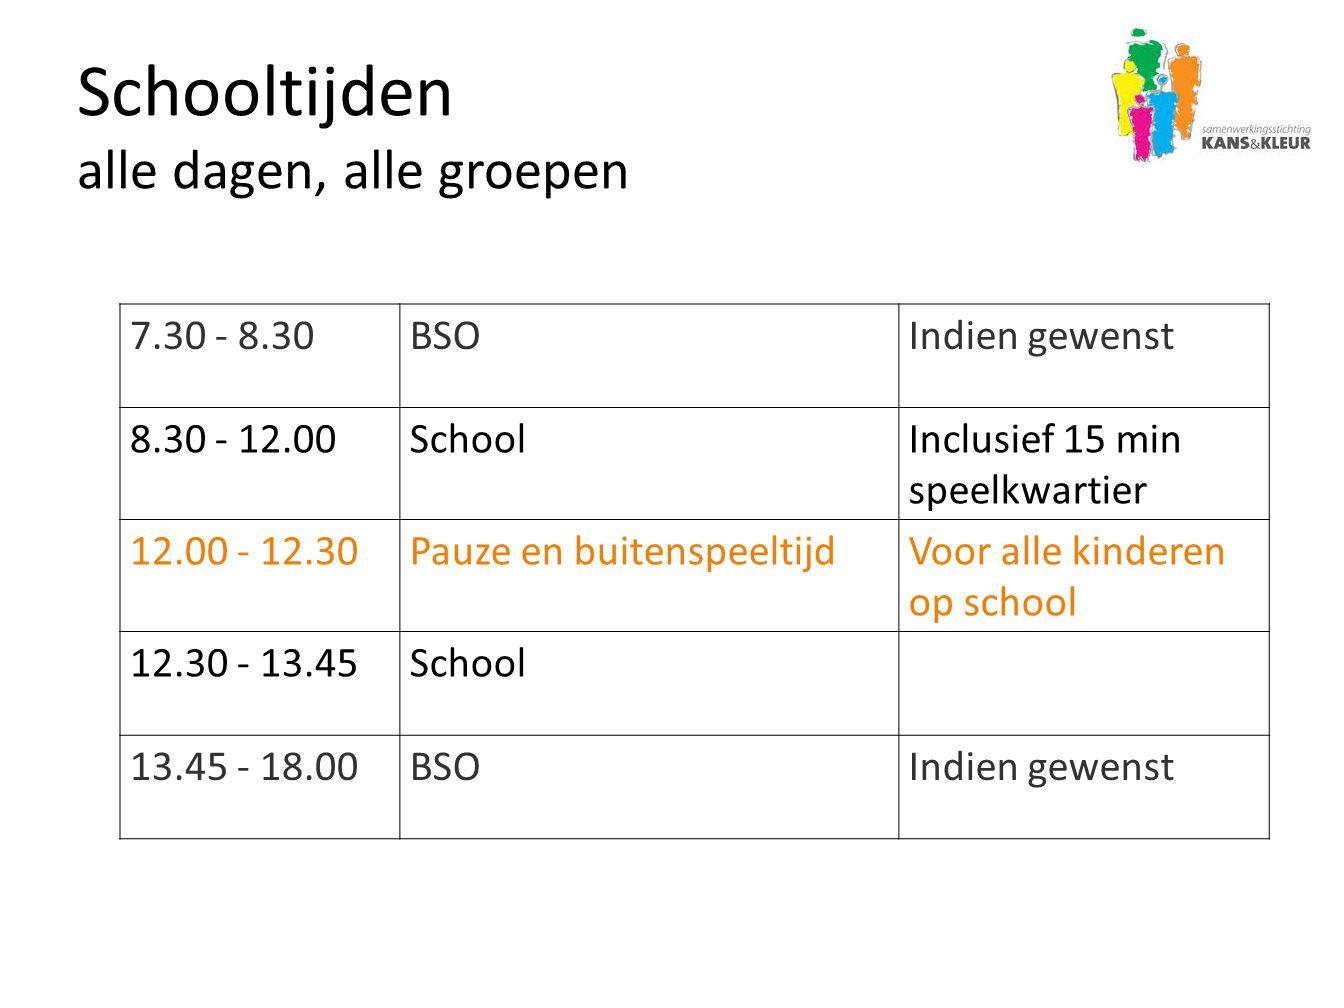 Schooltijden alle dagen, alle groepen 7.30 - 8.30BSOIndien gewenst 8.30 - 12.00SchoolInclusief 15 min speelkwartier 12.00 - 12.30Pauze en buitenspeelt